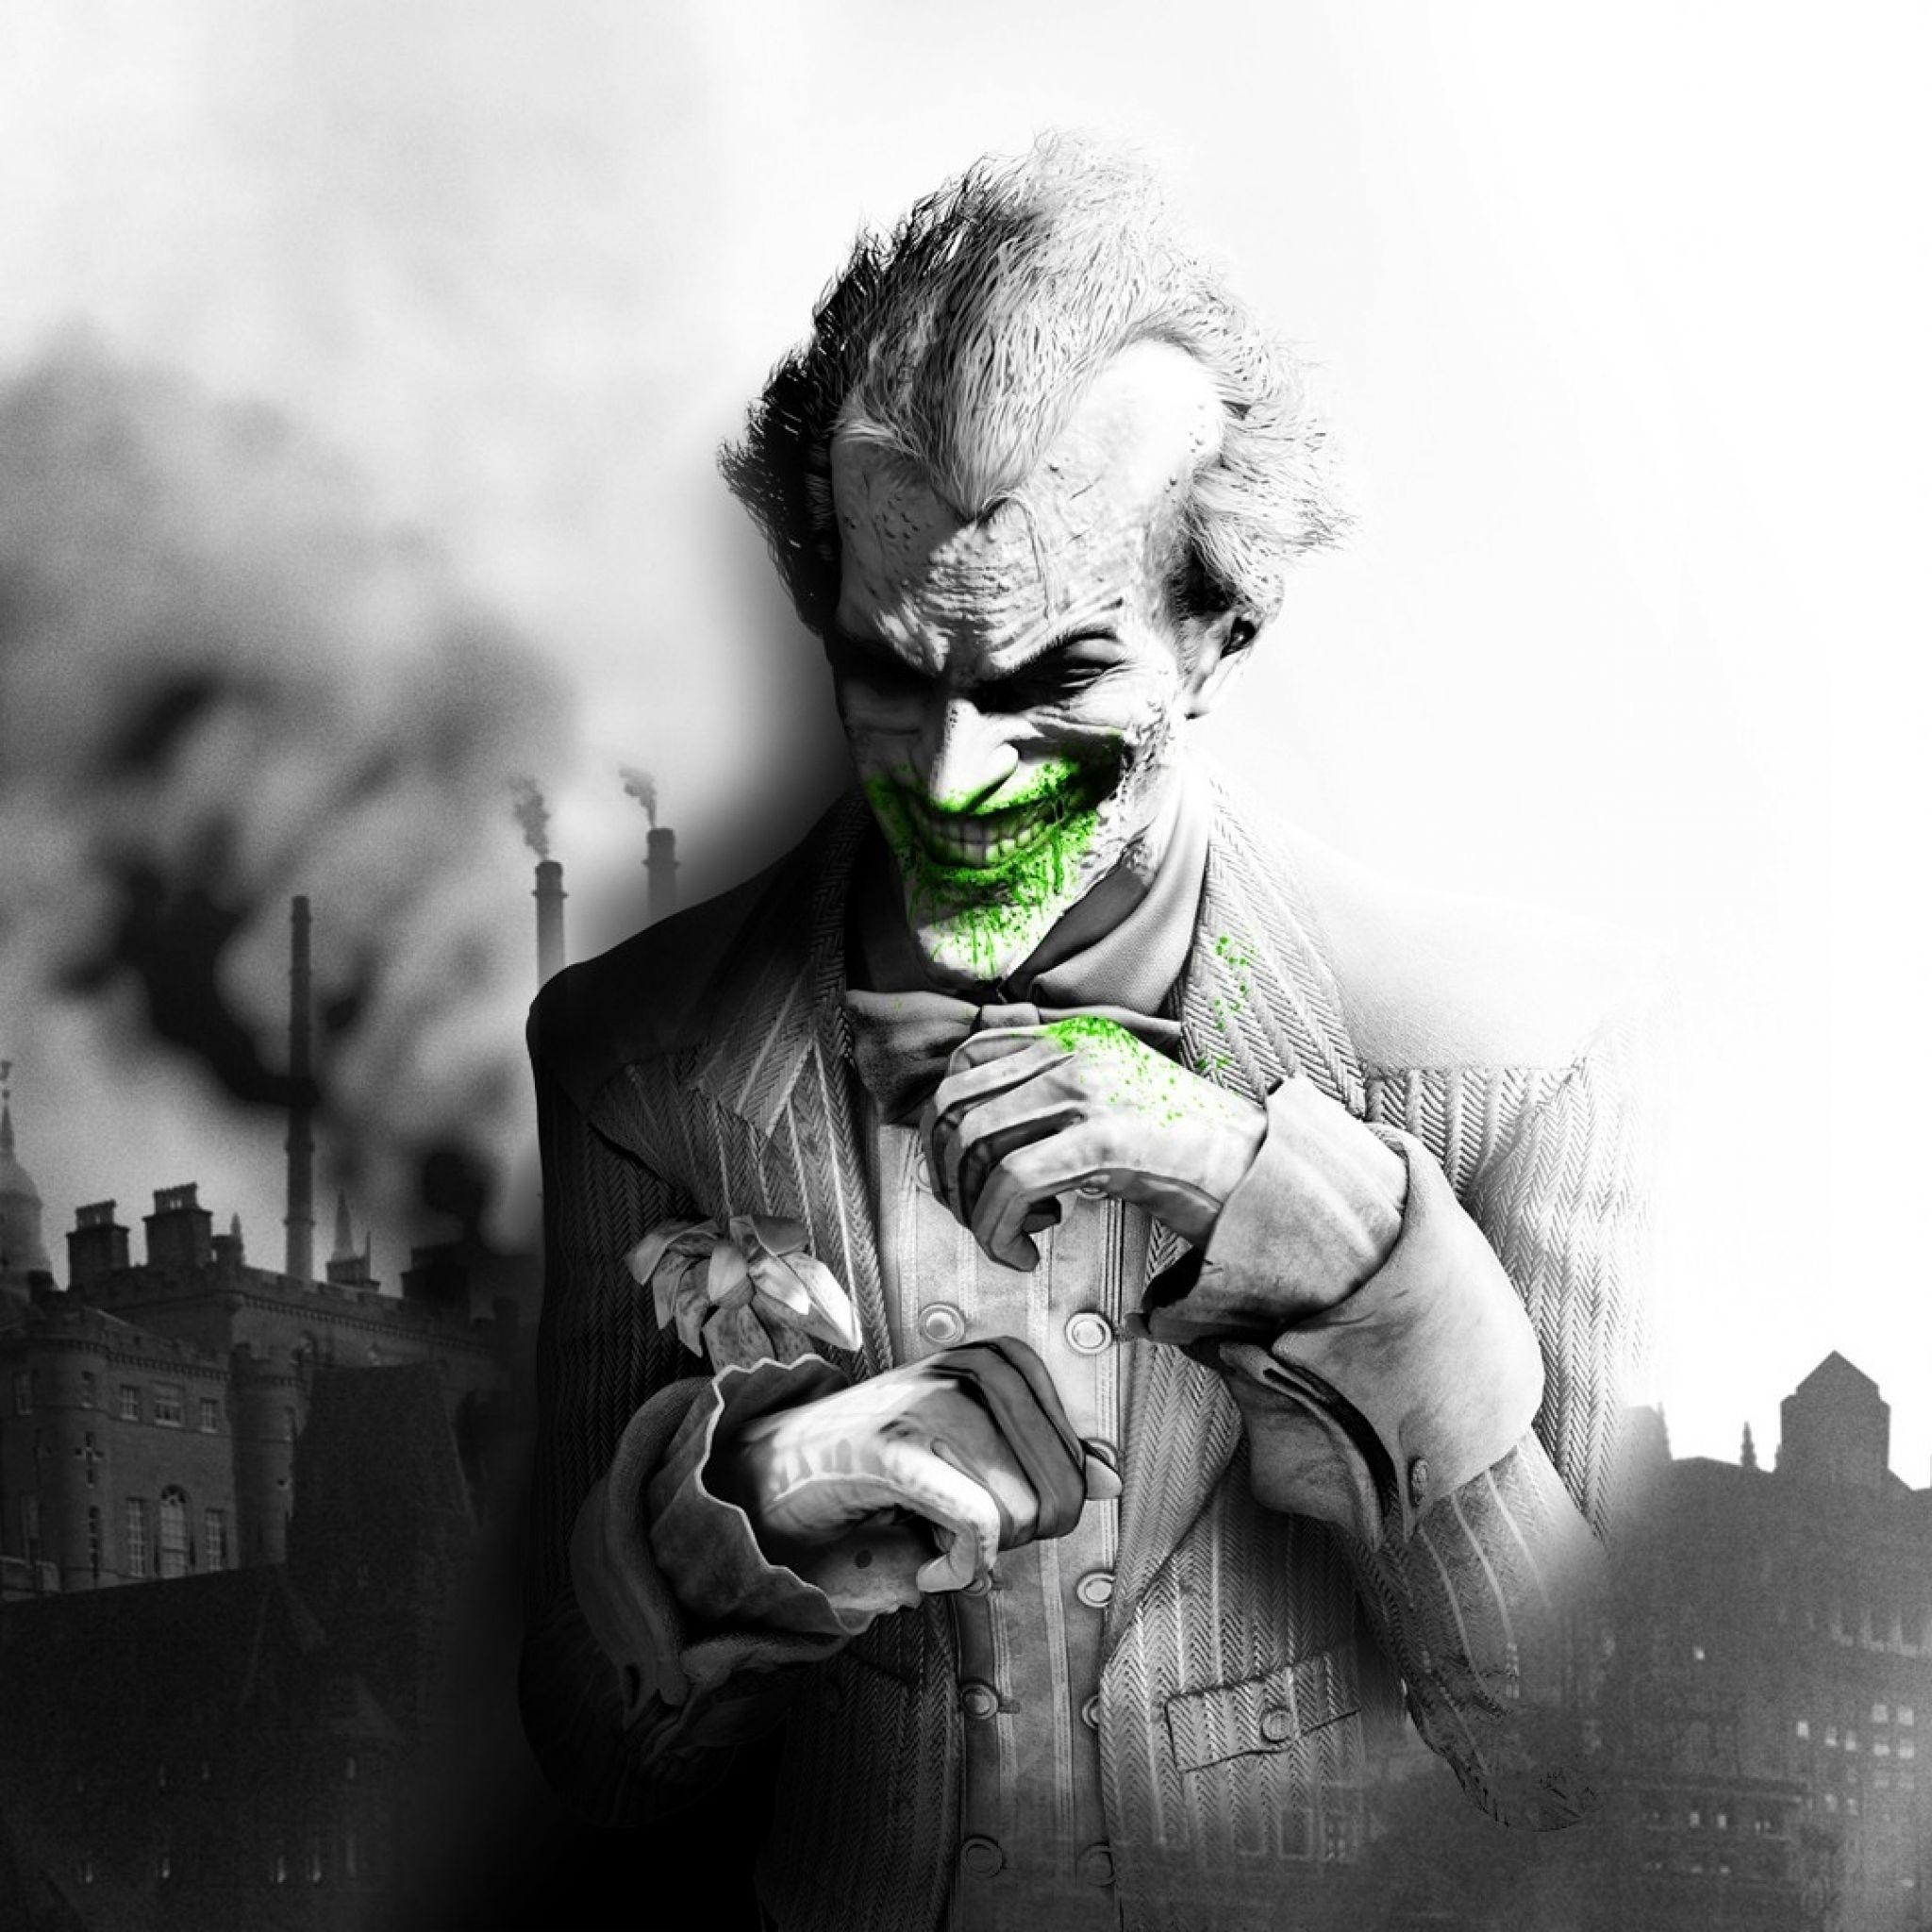 Joker Wallpapers Arkham Asylum - Wallpaper Cave